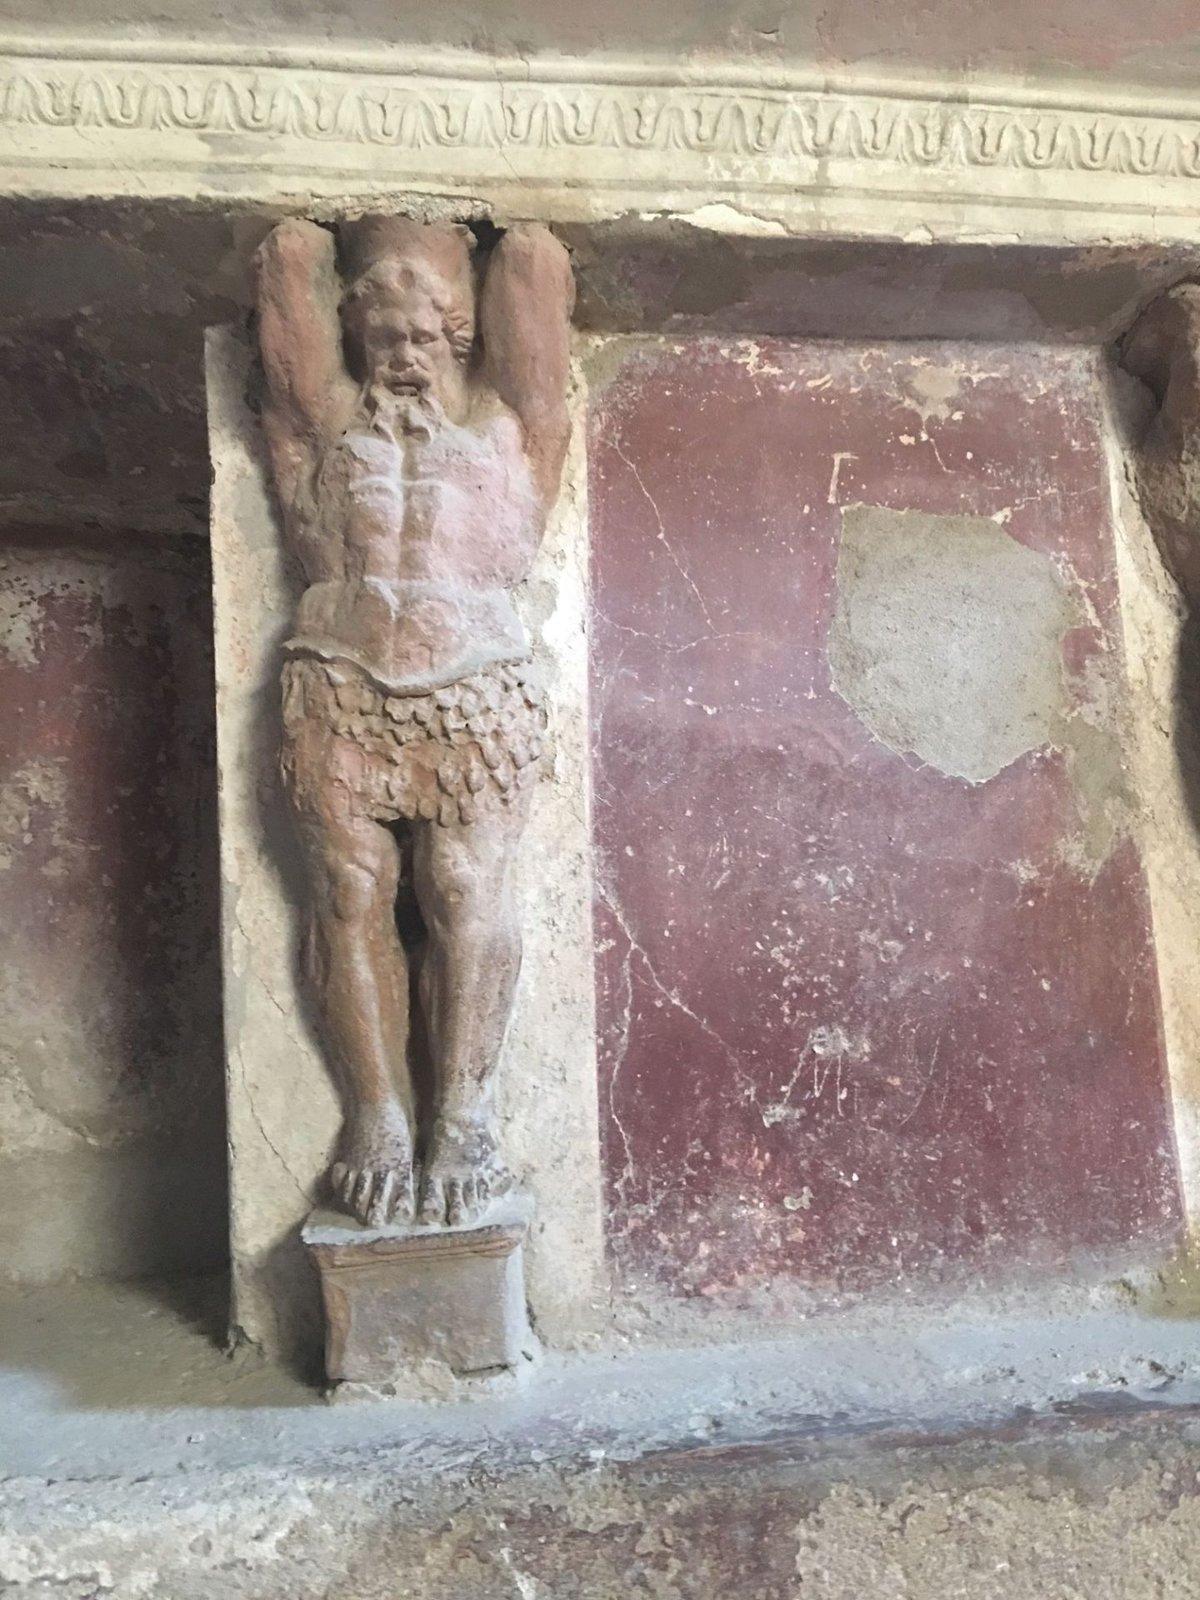 statue in bathhouse in Pompeii